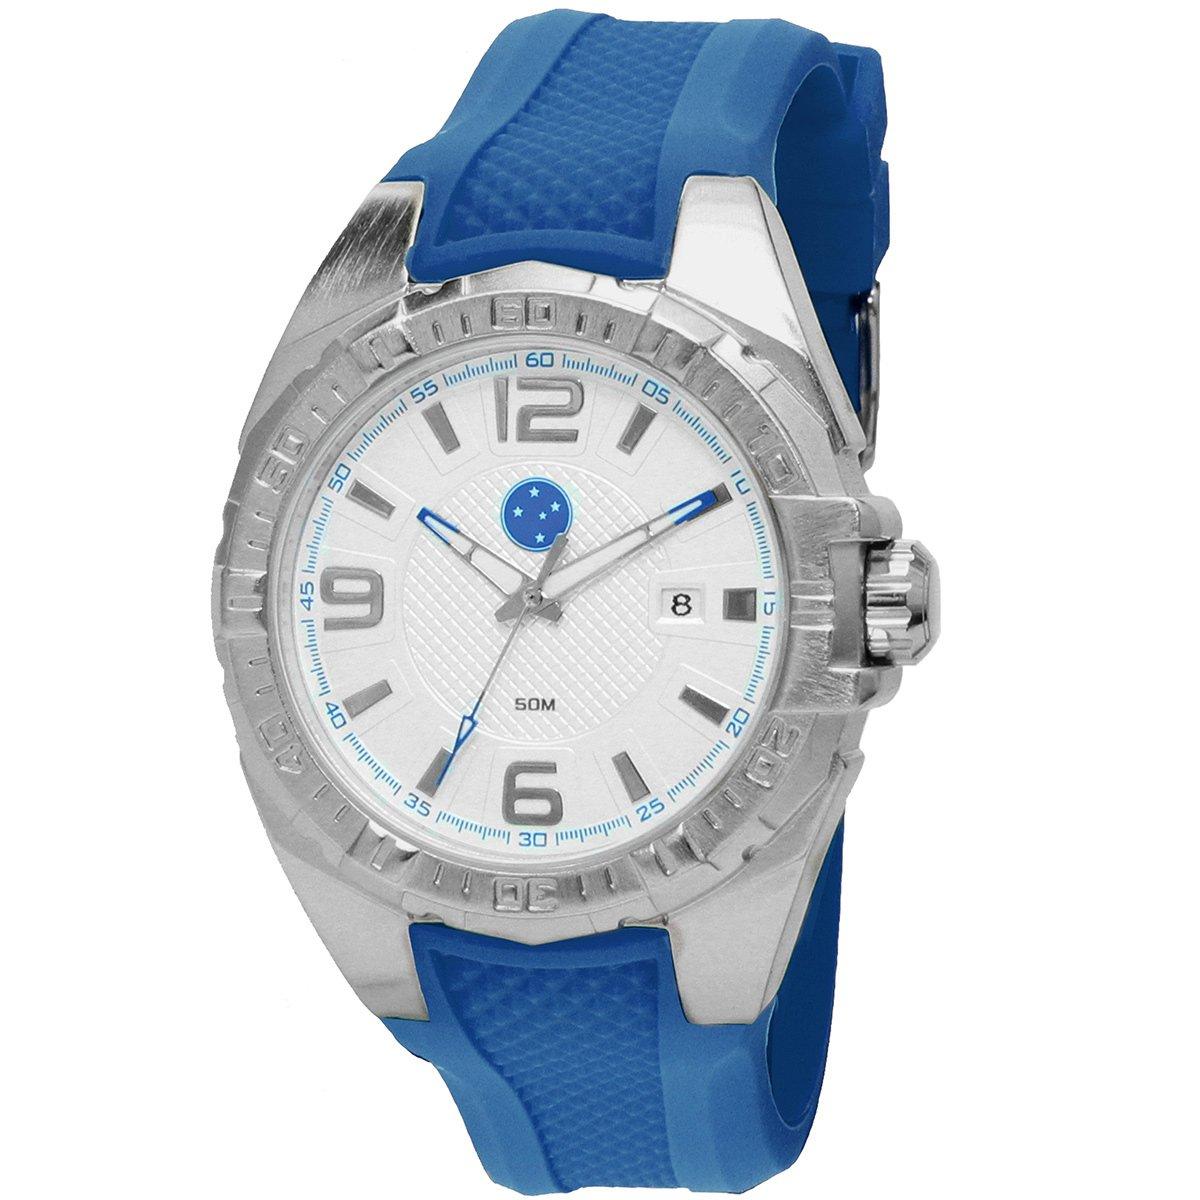 8d608b6ef00 Relógio Technos Cruzeiro Analógico III Calendário - Azul e Prata - Compre  Agora